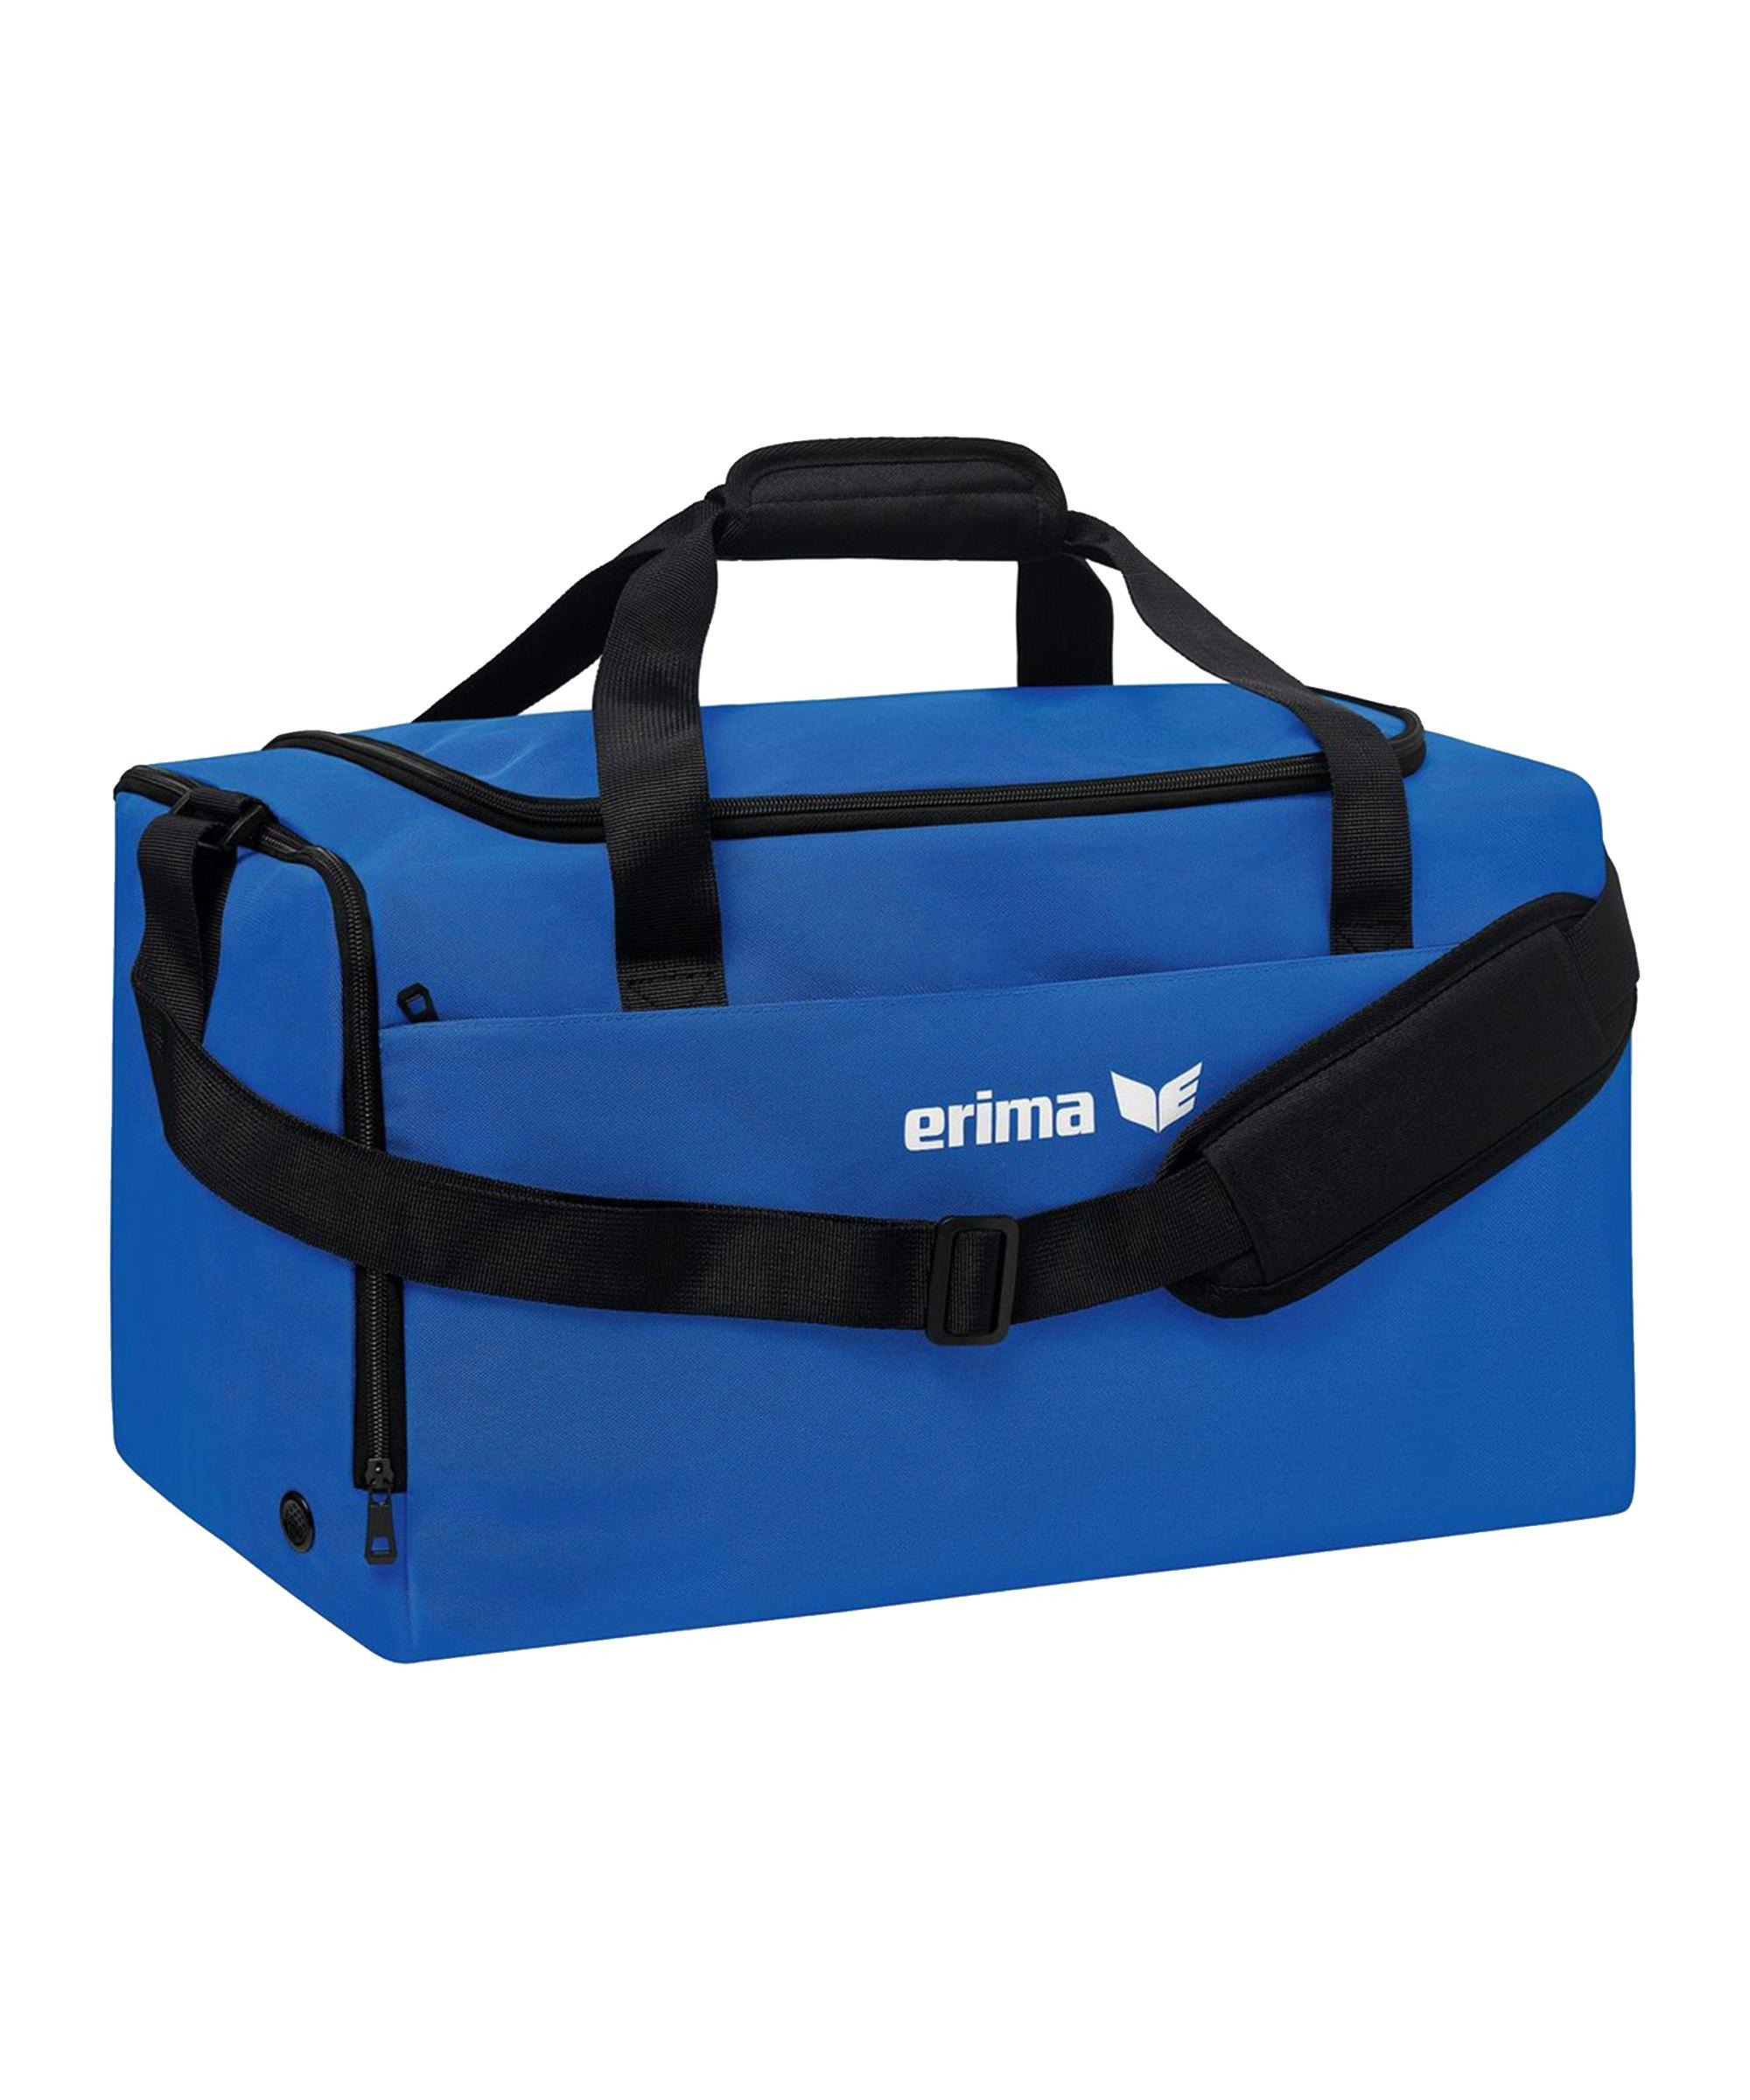 Erima TEAM Sporttasche Gr.L Blau - blau